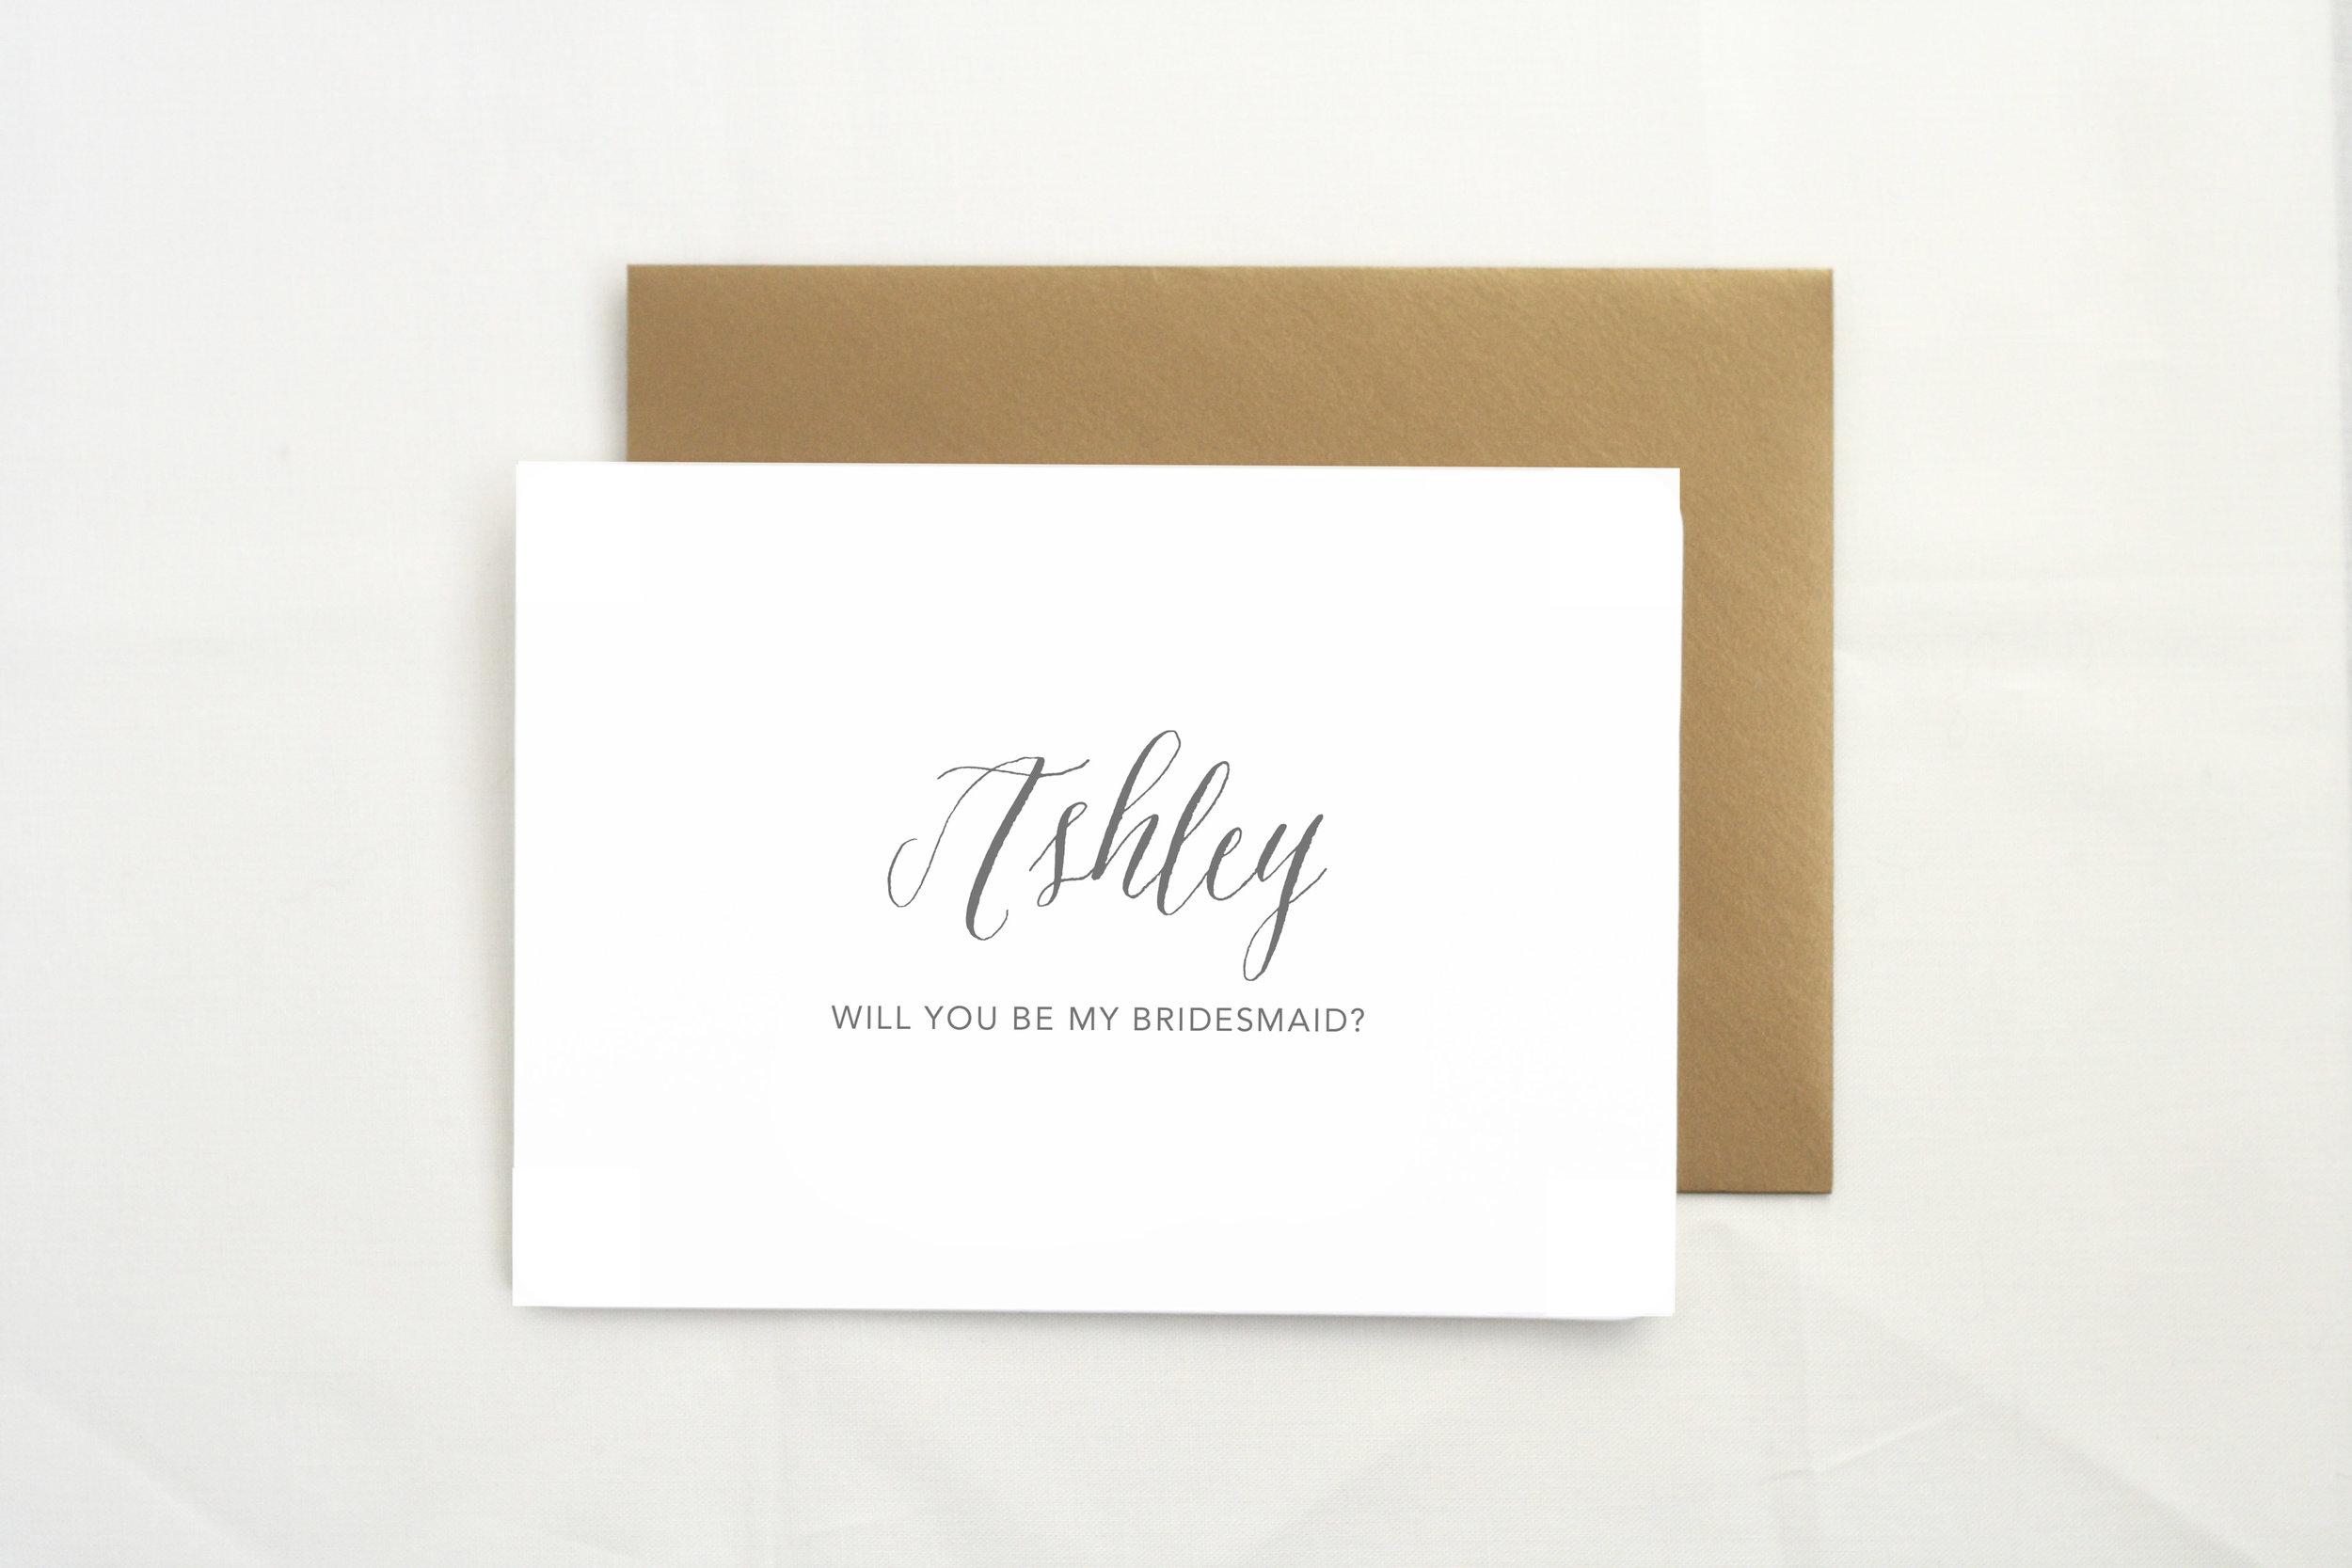 Bridesmaid card    by    The Tabitha Shop